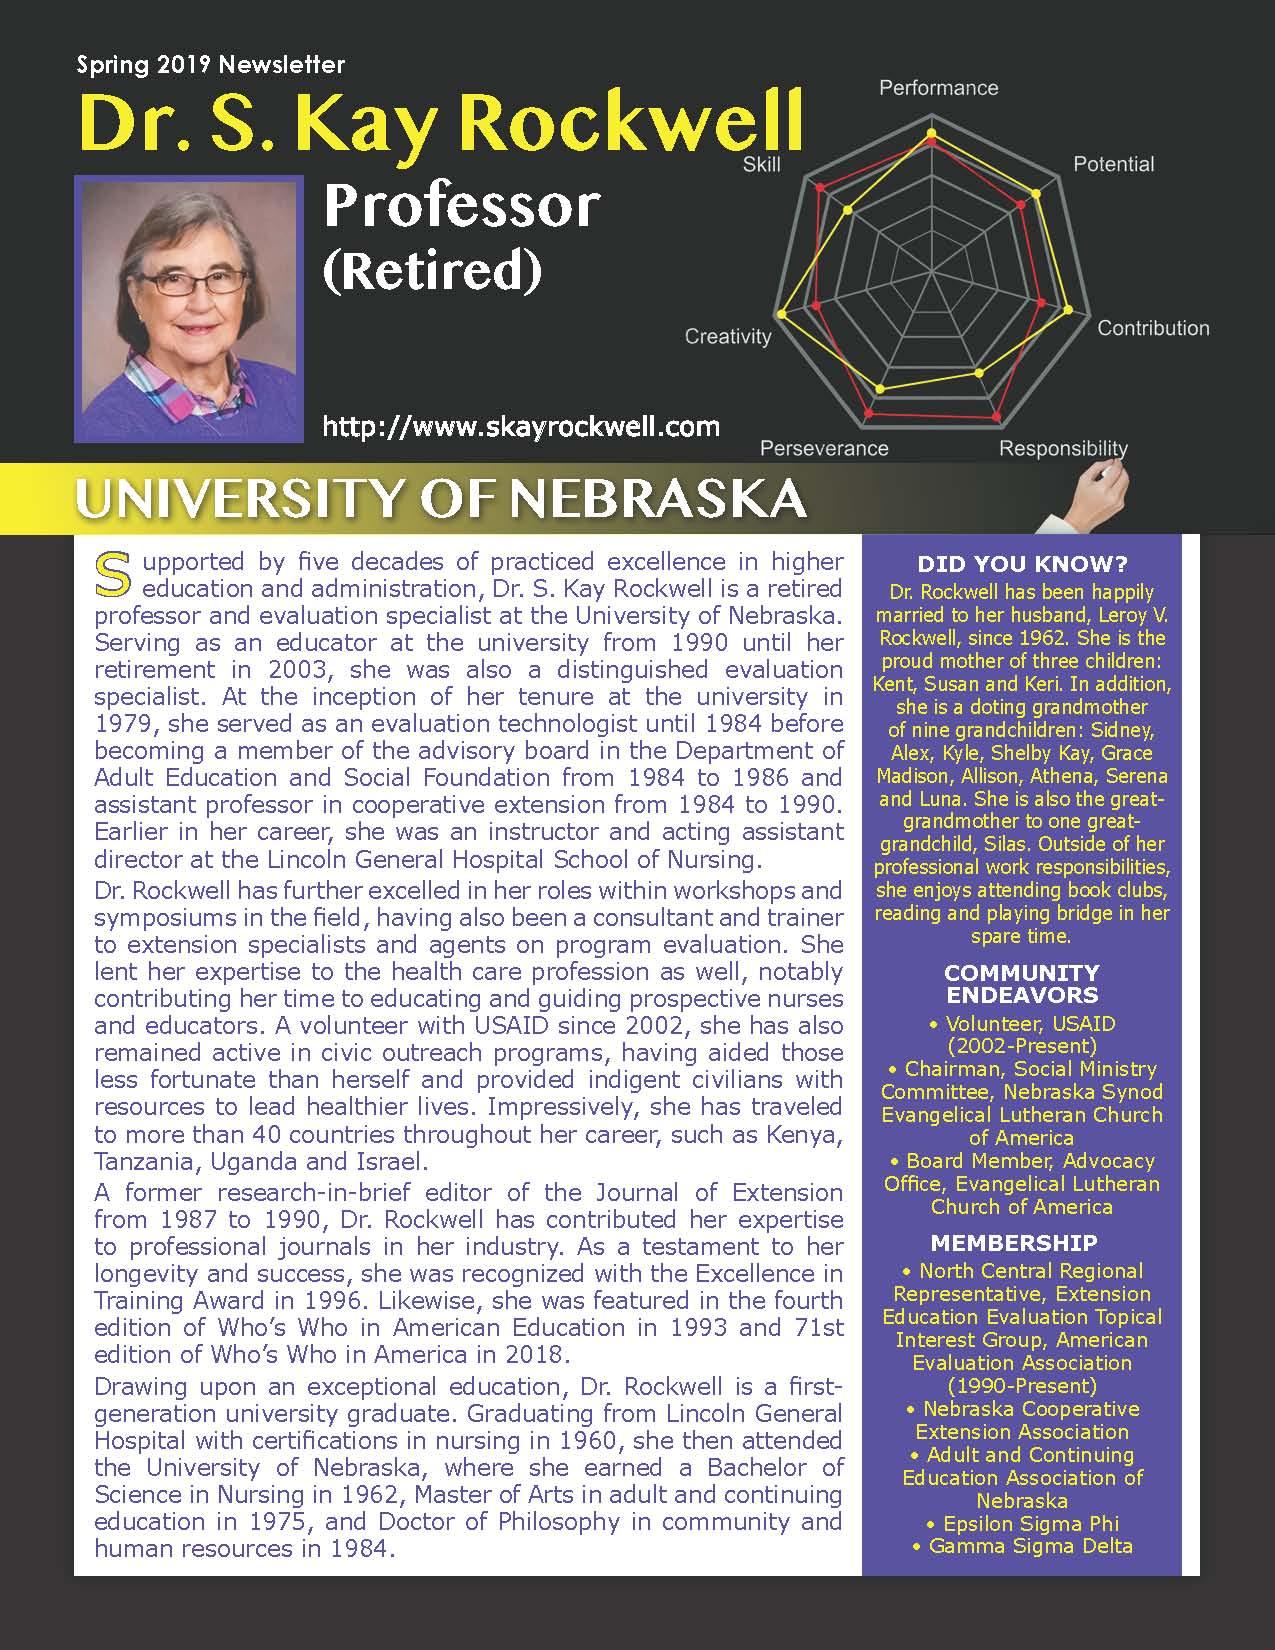 Rockwell, S. Kay 3694538_22438444 Newsletter.jpg